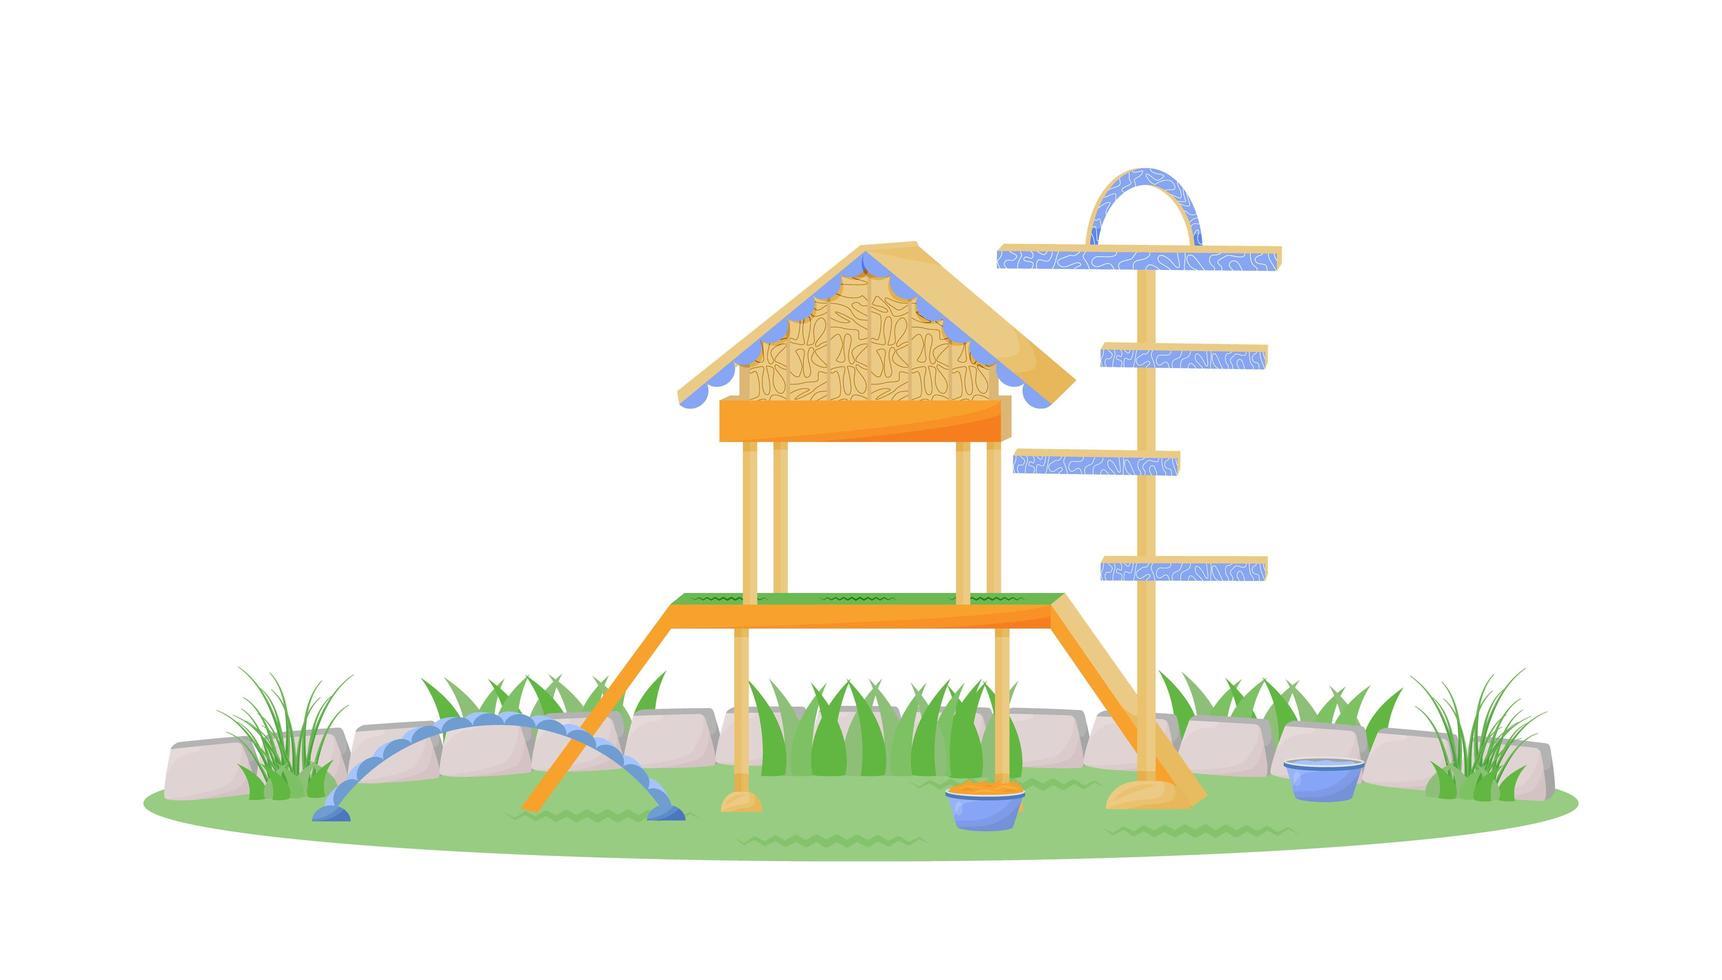 casa de juegos en el parque vector